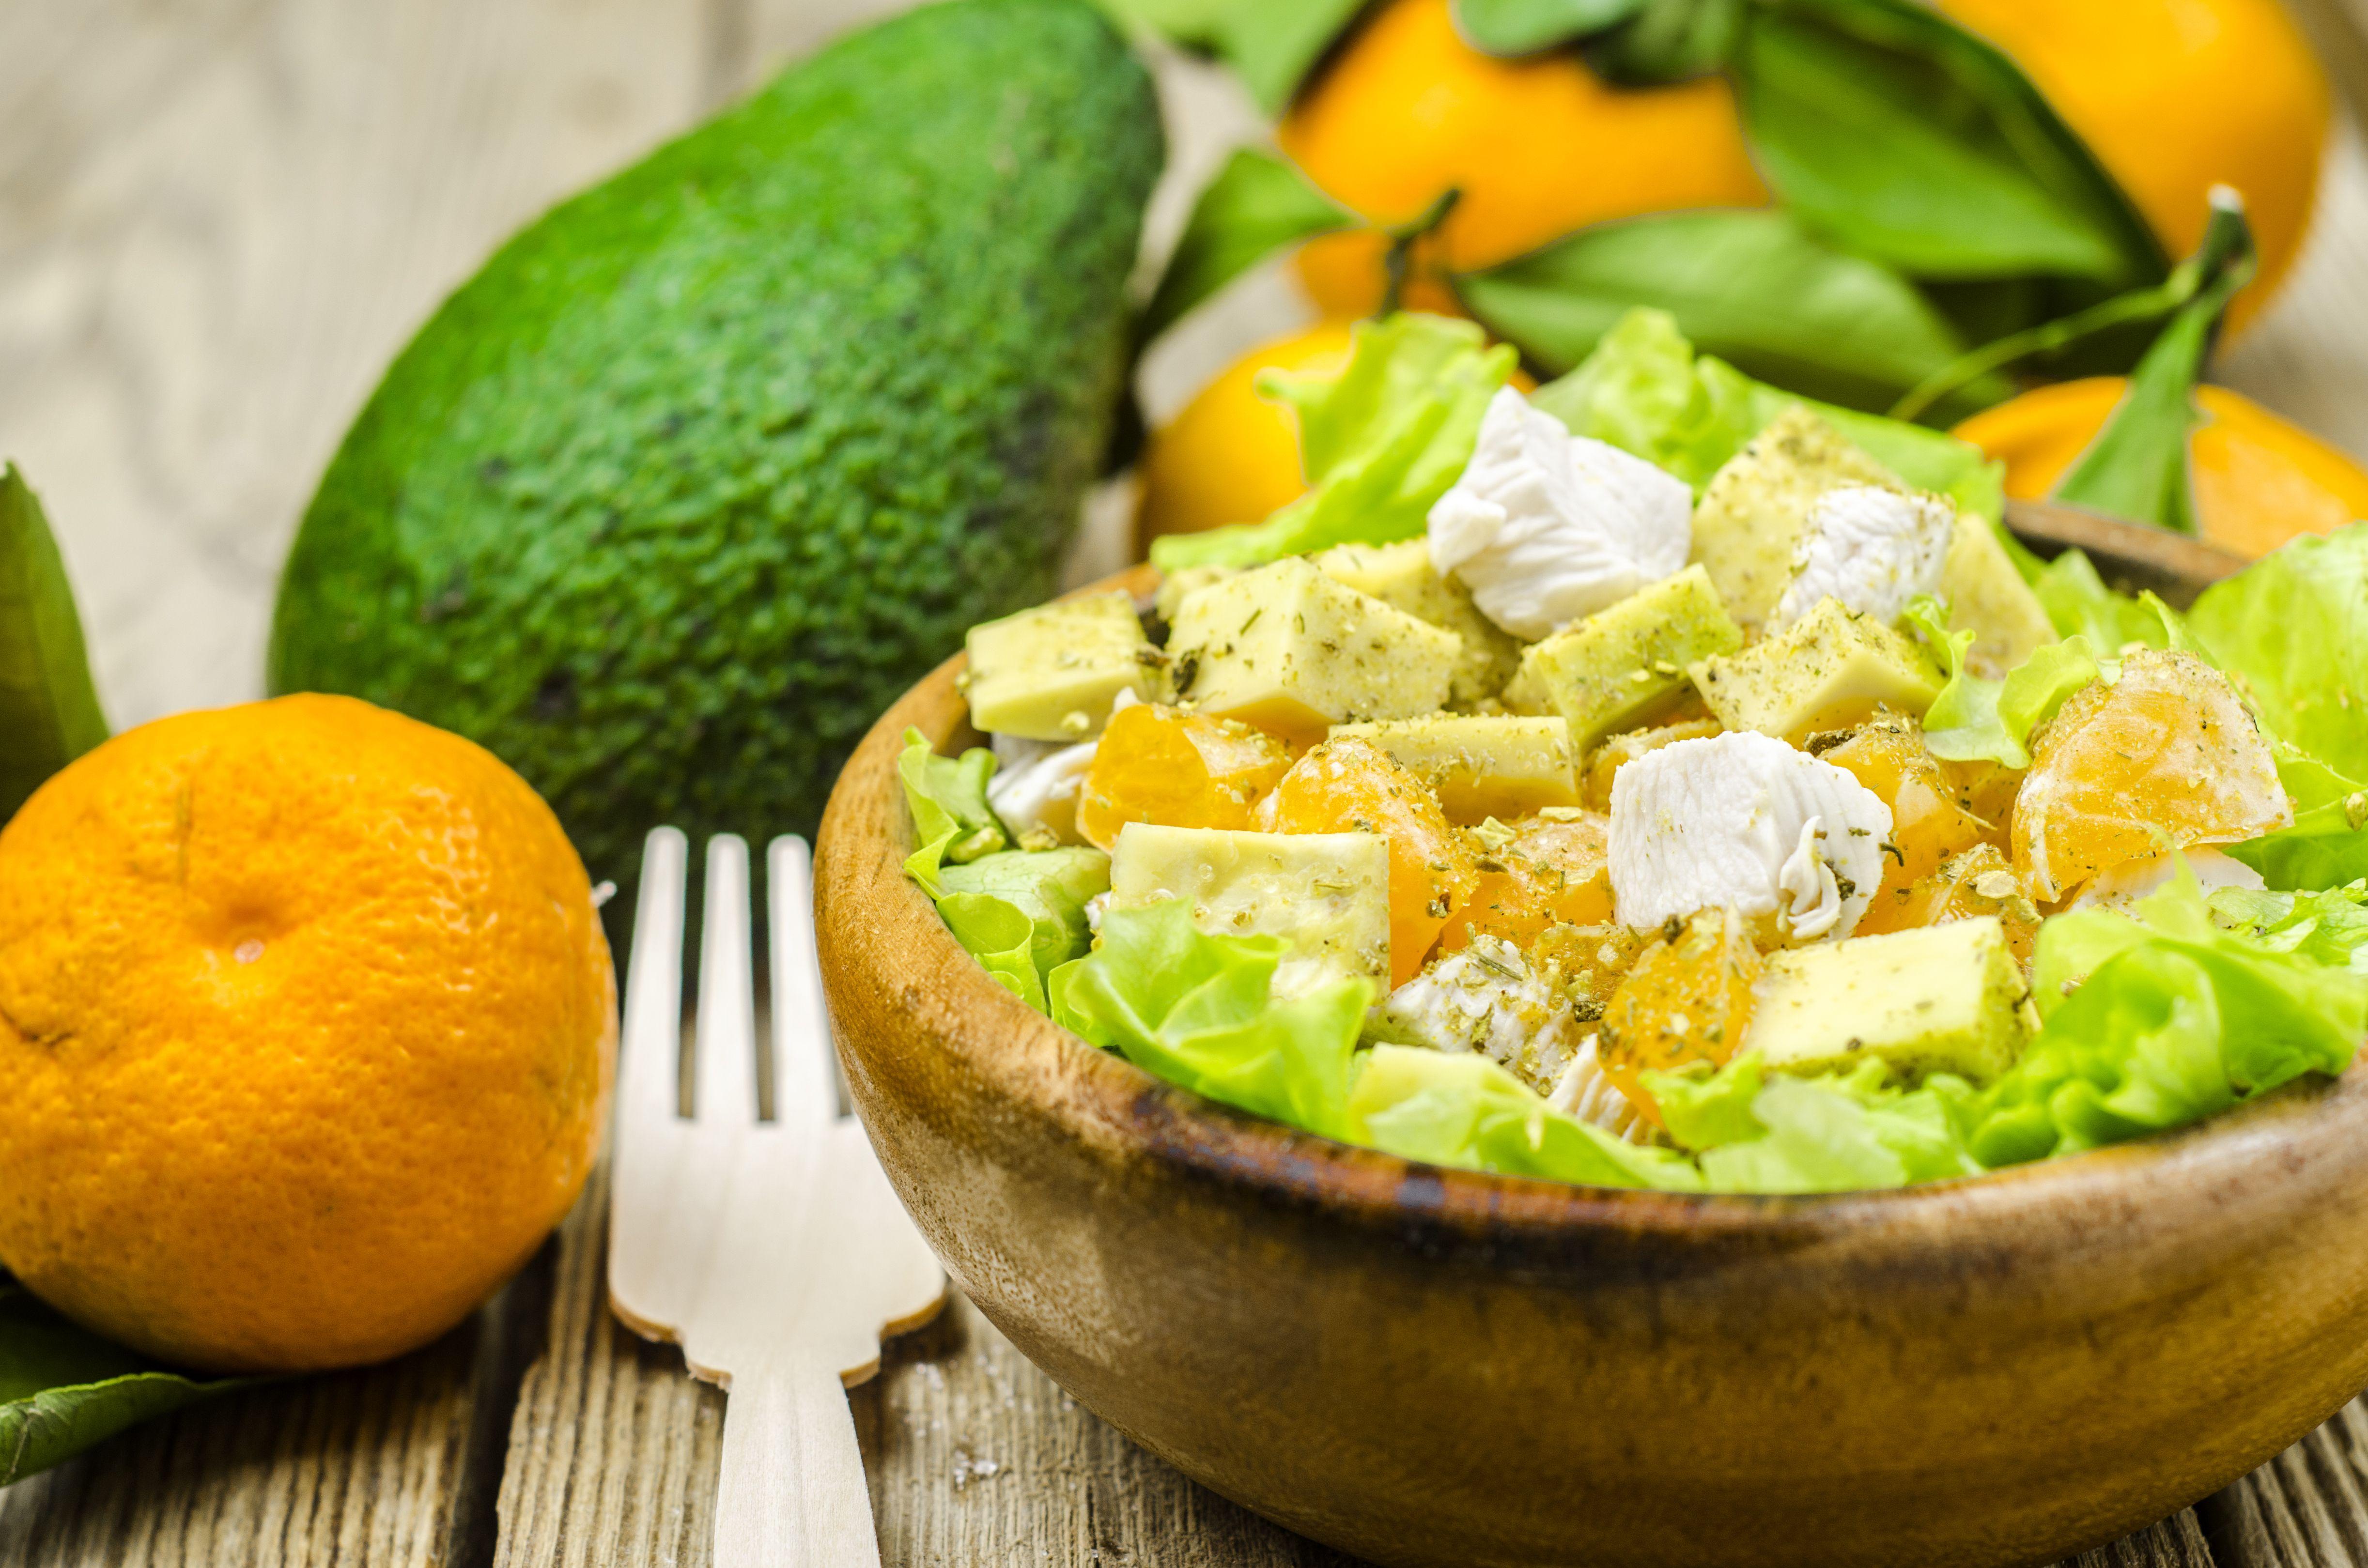 Диетологи дали советы по правильному питанию